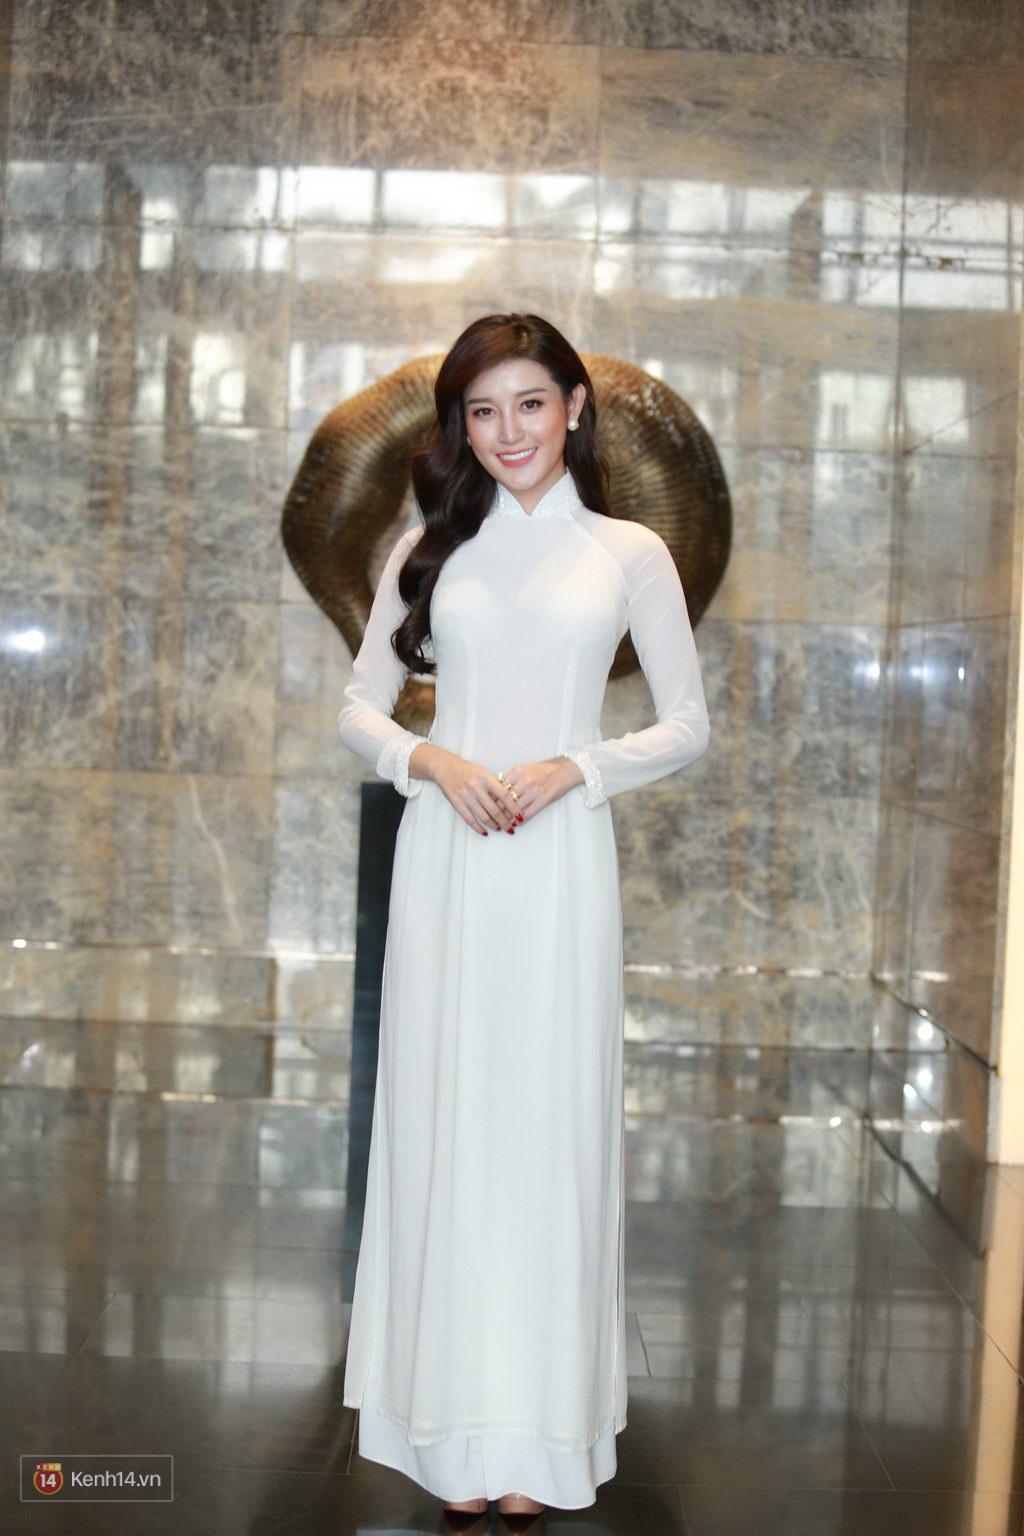 Huyền My diện áo dài trắng, rạng ngời đón tiếp Hoàng tử nước Anh - Ảnh 5.